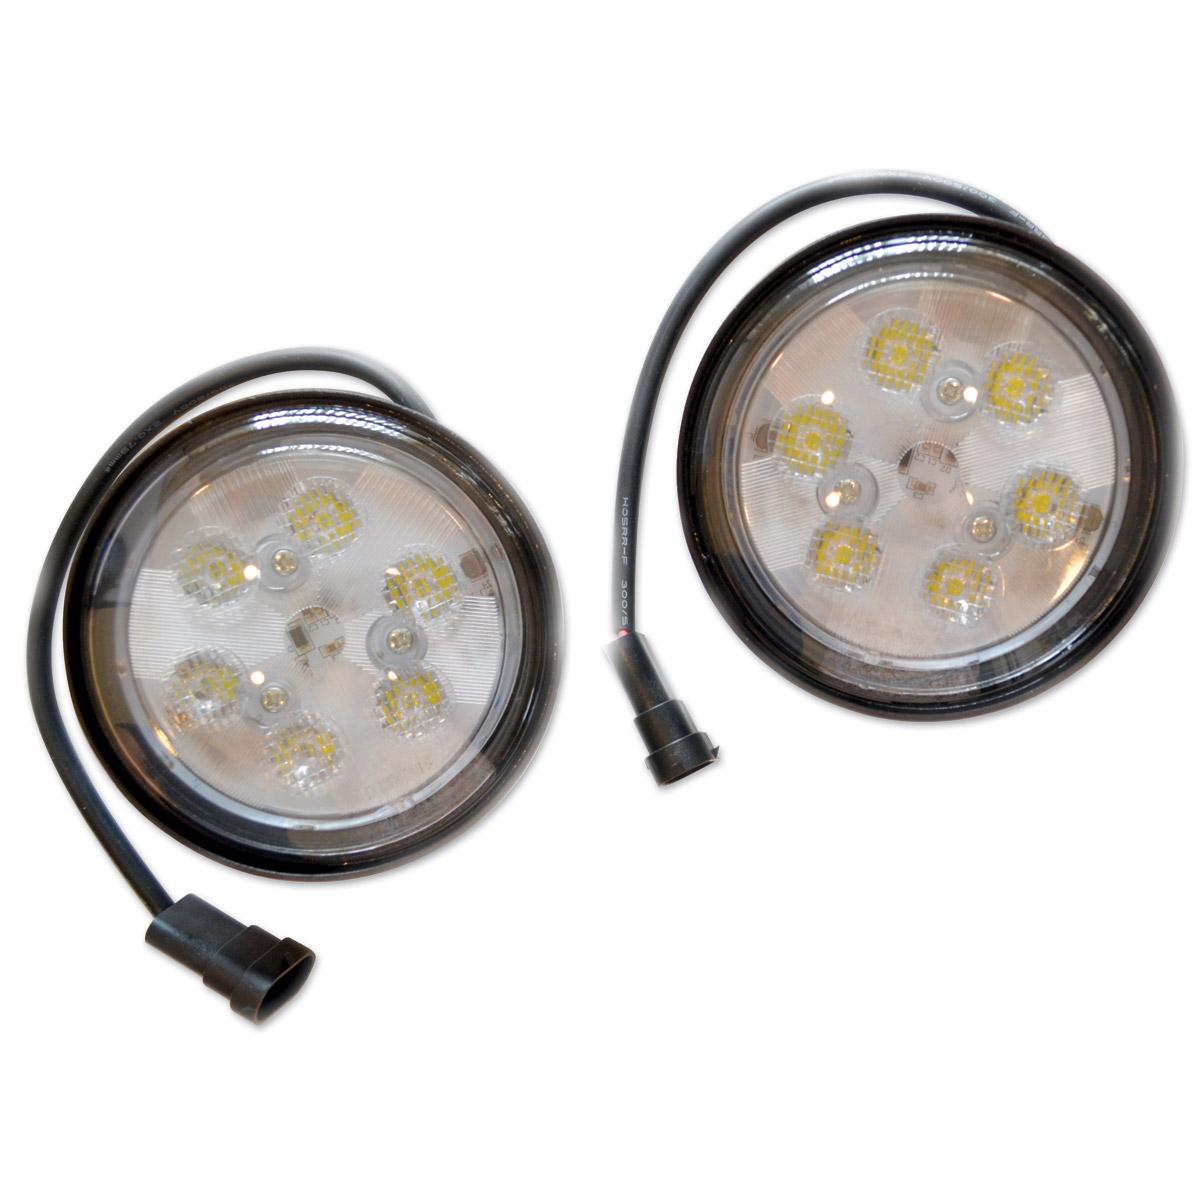 PathfinderLED 4-1/2″ Xtreme Passing Lights